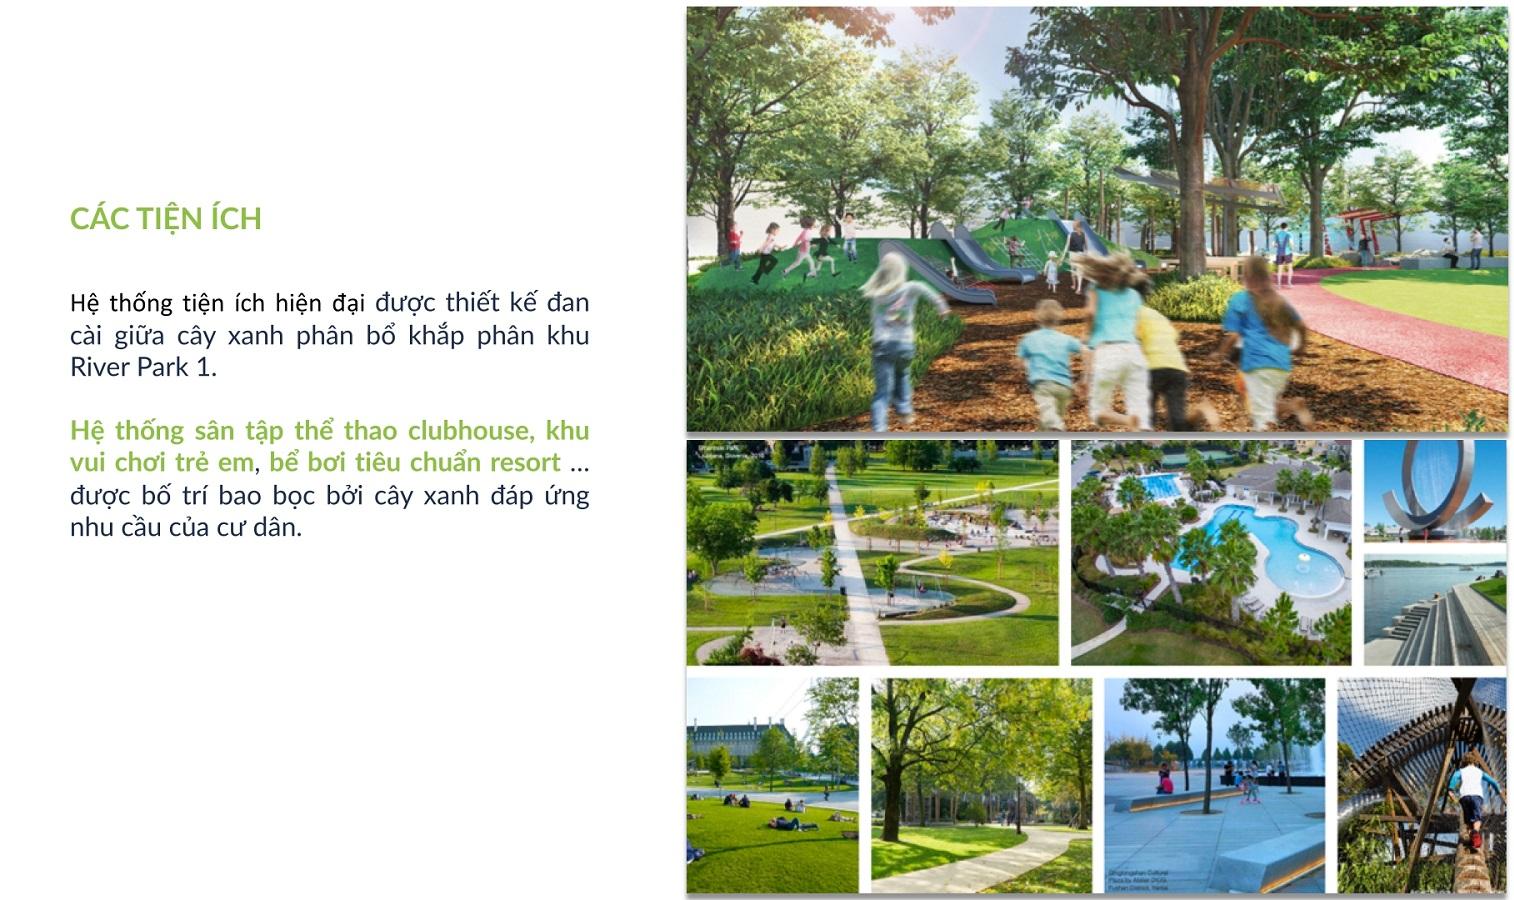 tien-ich-aqua-city-river-park-1-3